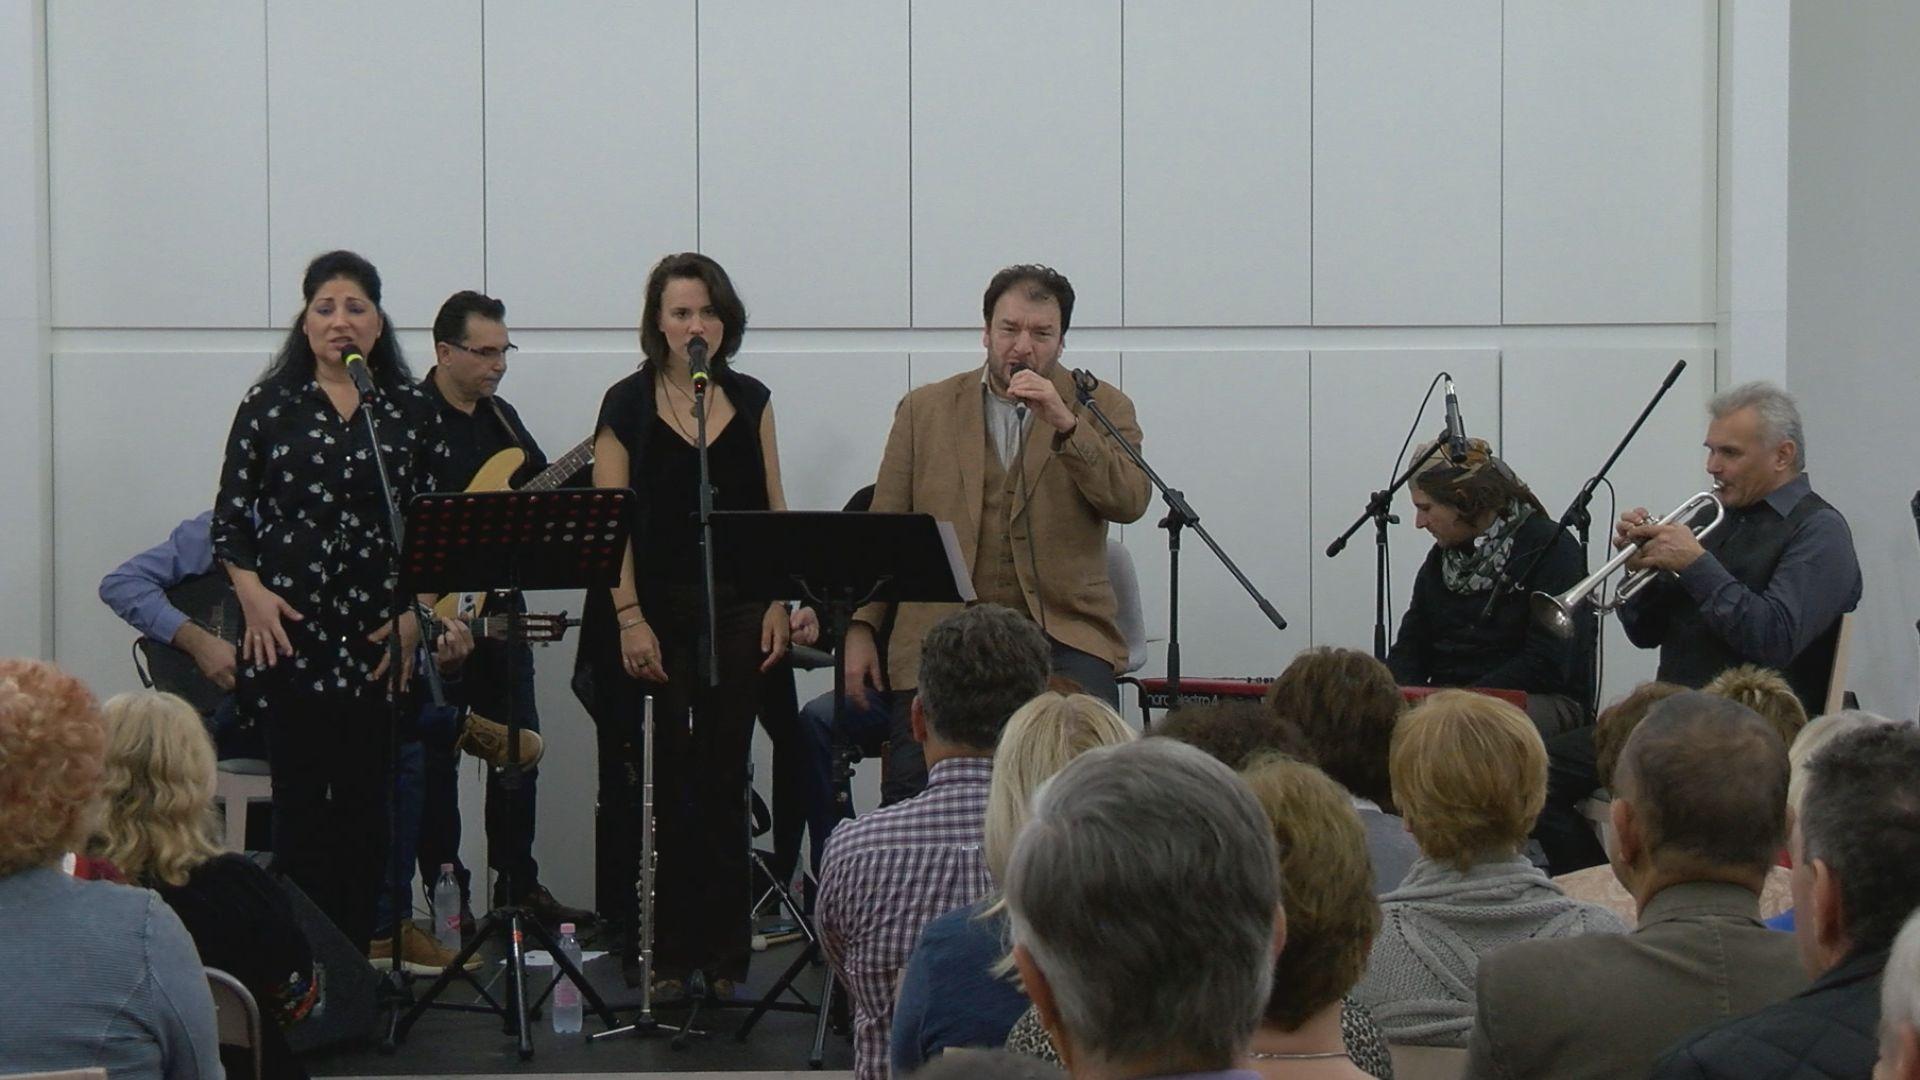 Fellegi Balázs Cohen koncertjén